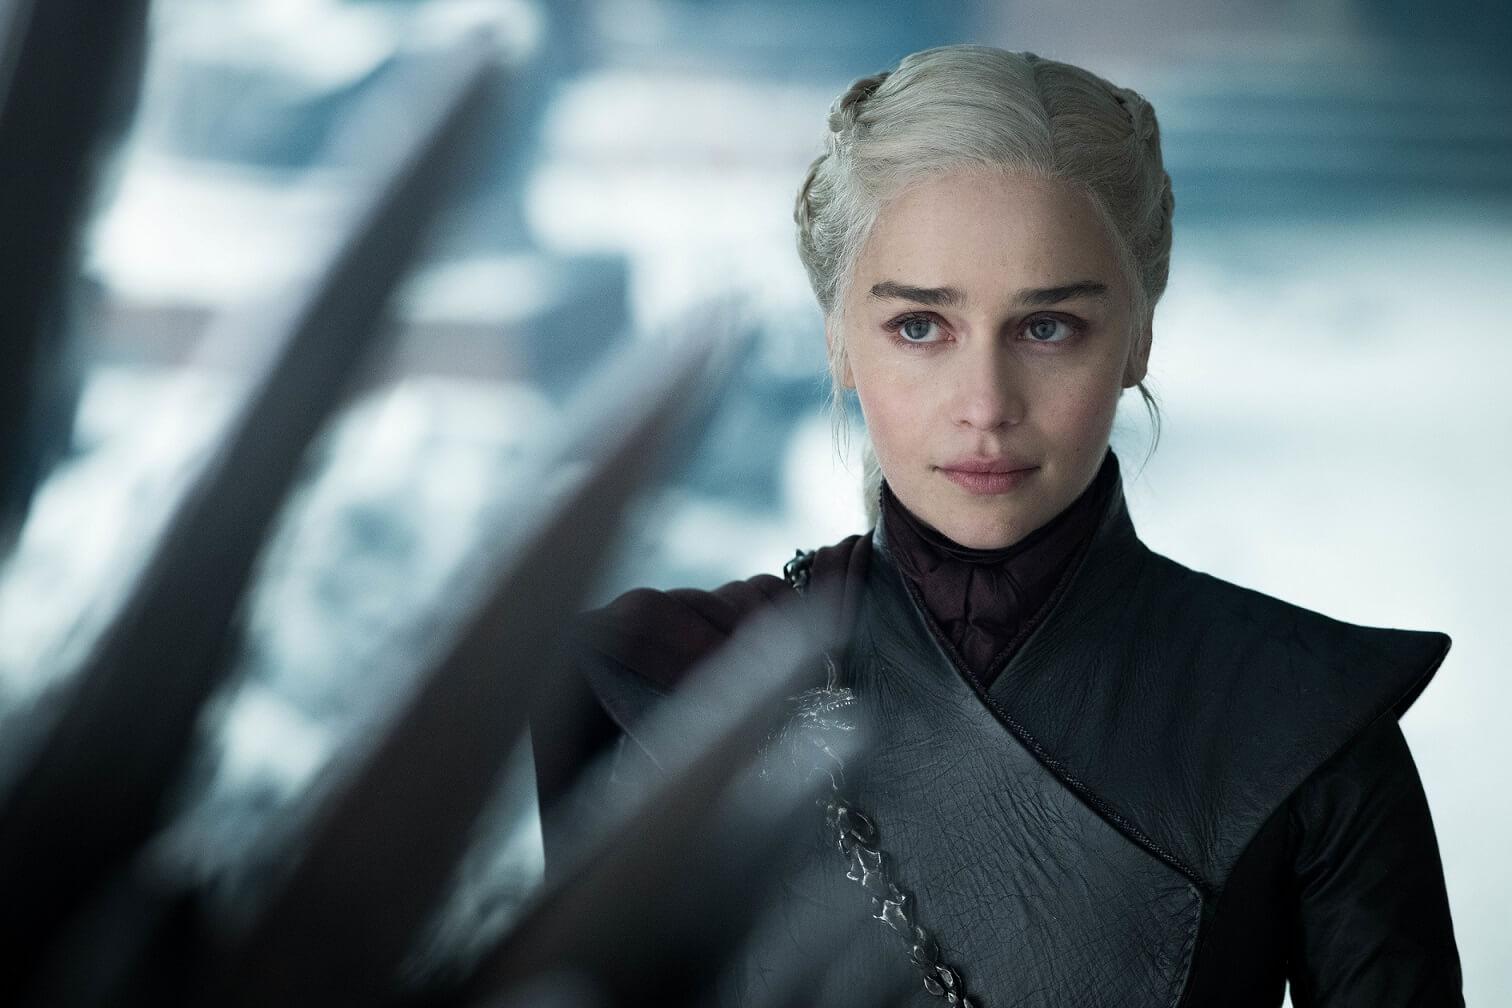 Daenerys Targaryen雖由救世主變暴君,但她在劇迷心中留下的,仍是之前 的美好。